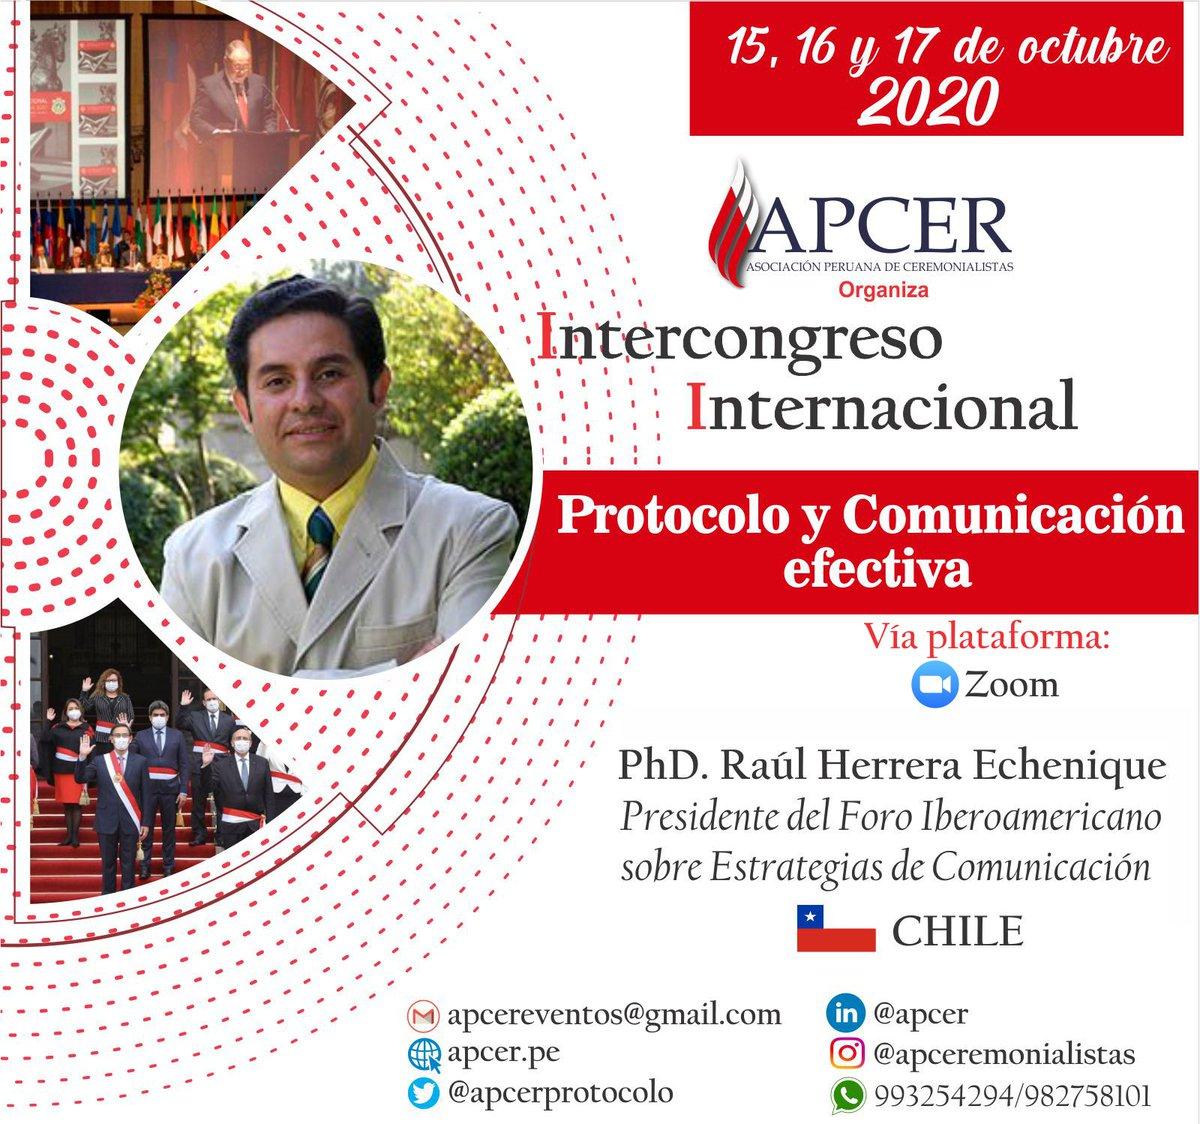 """Te esperamos en el Intercongreso Internacional """"Protocolo y comunicación efectiva"""" 2020, los días 15,16 y 17 de octubre.  Informes e inscripciones: apcereventos@gmail.com  #IIPyCE2020 #Comunicación #APCER #Protocolo #Ceremonial #ComunicaciónEstratégica #RelacionesPúblicas #Chile https://t.co/I6JzrYLjw0"""